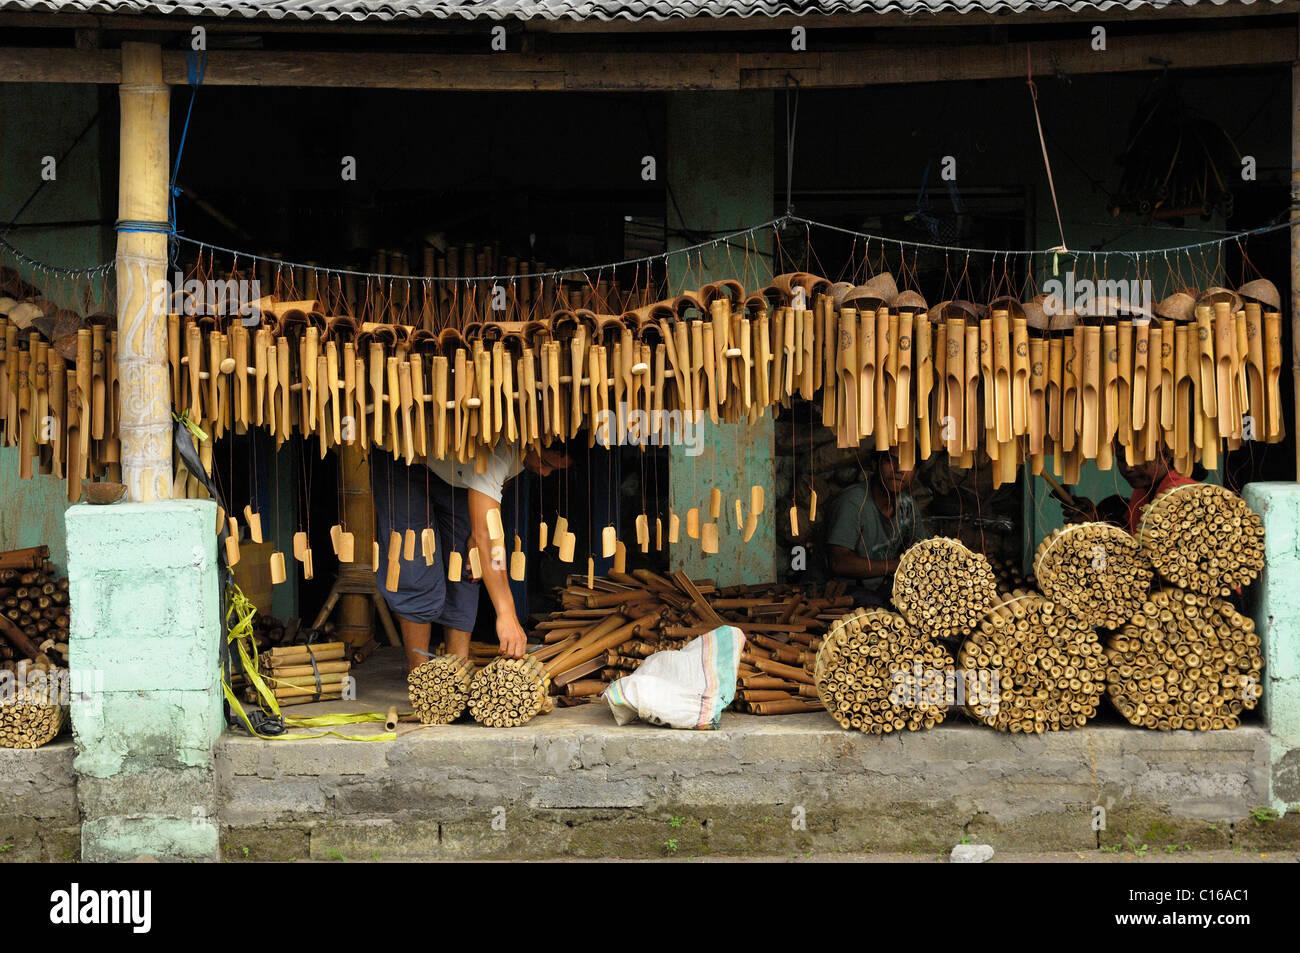 Production of bamboo chimes near Ubud, Bali, Indonesia - Stock Image